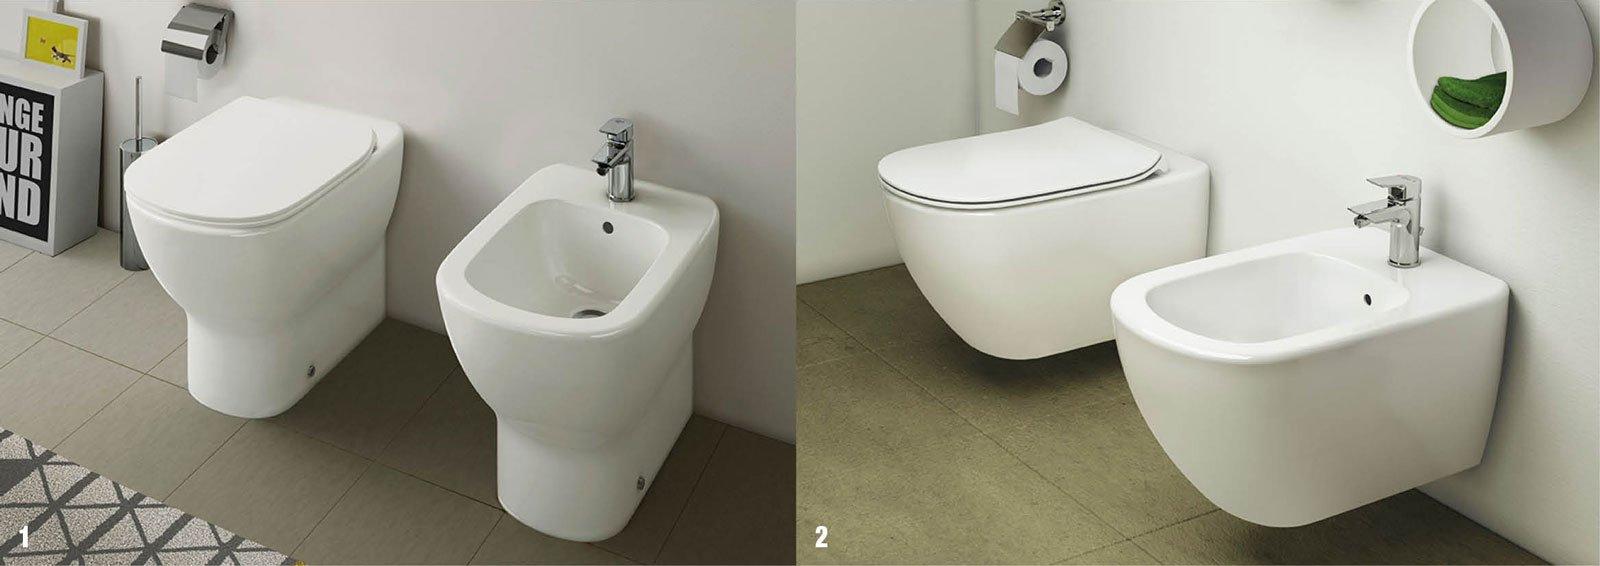 Tesi e ceramix per un bagno di tendenza cose di casa - Sanitari filo parete prezzi ...